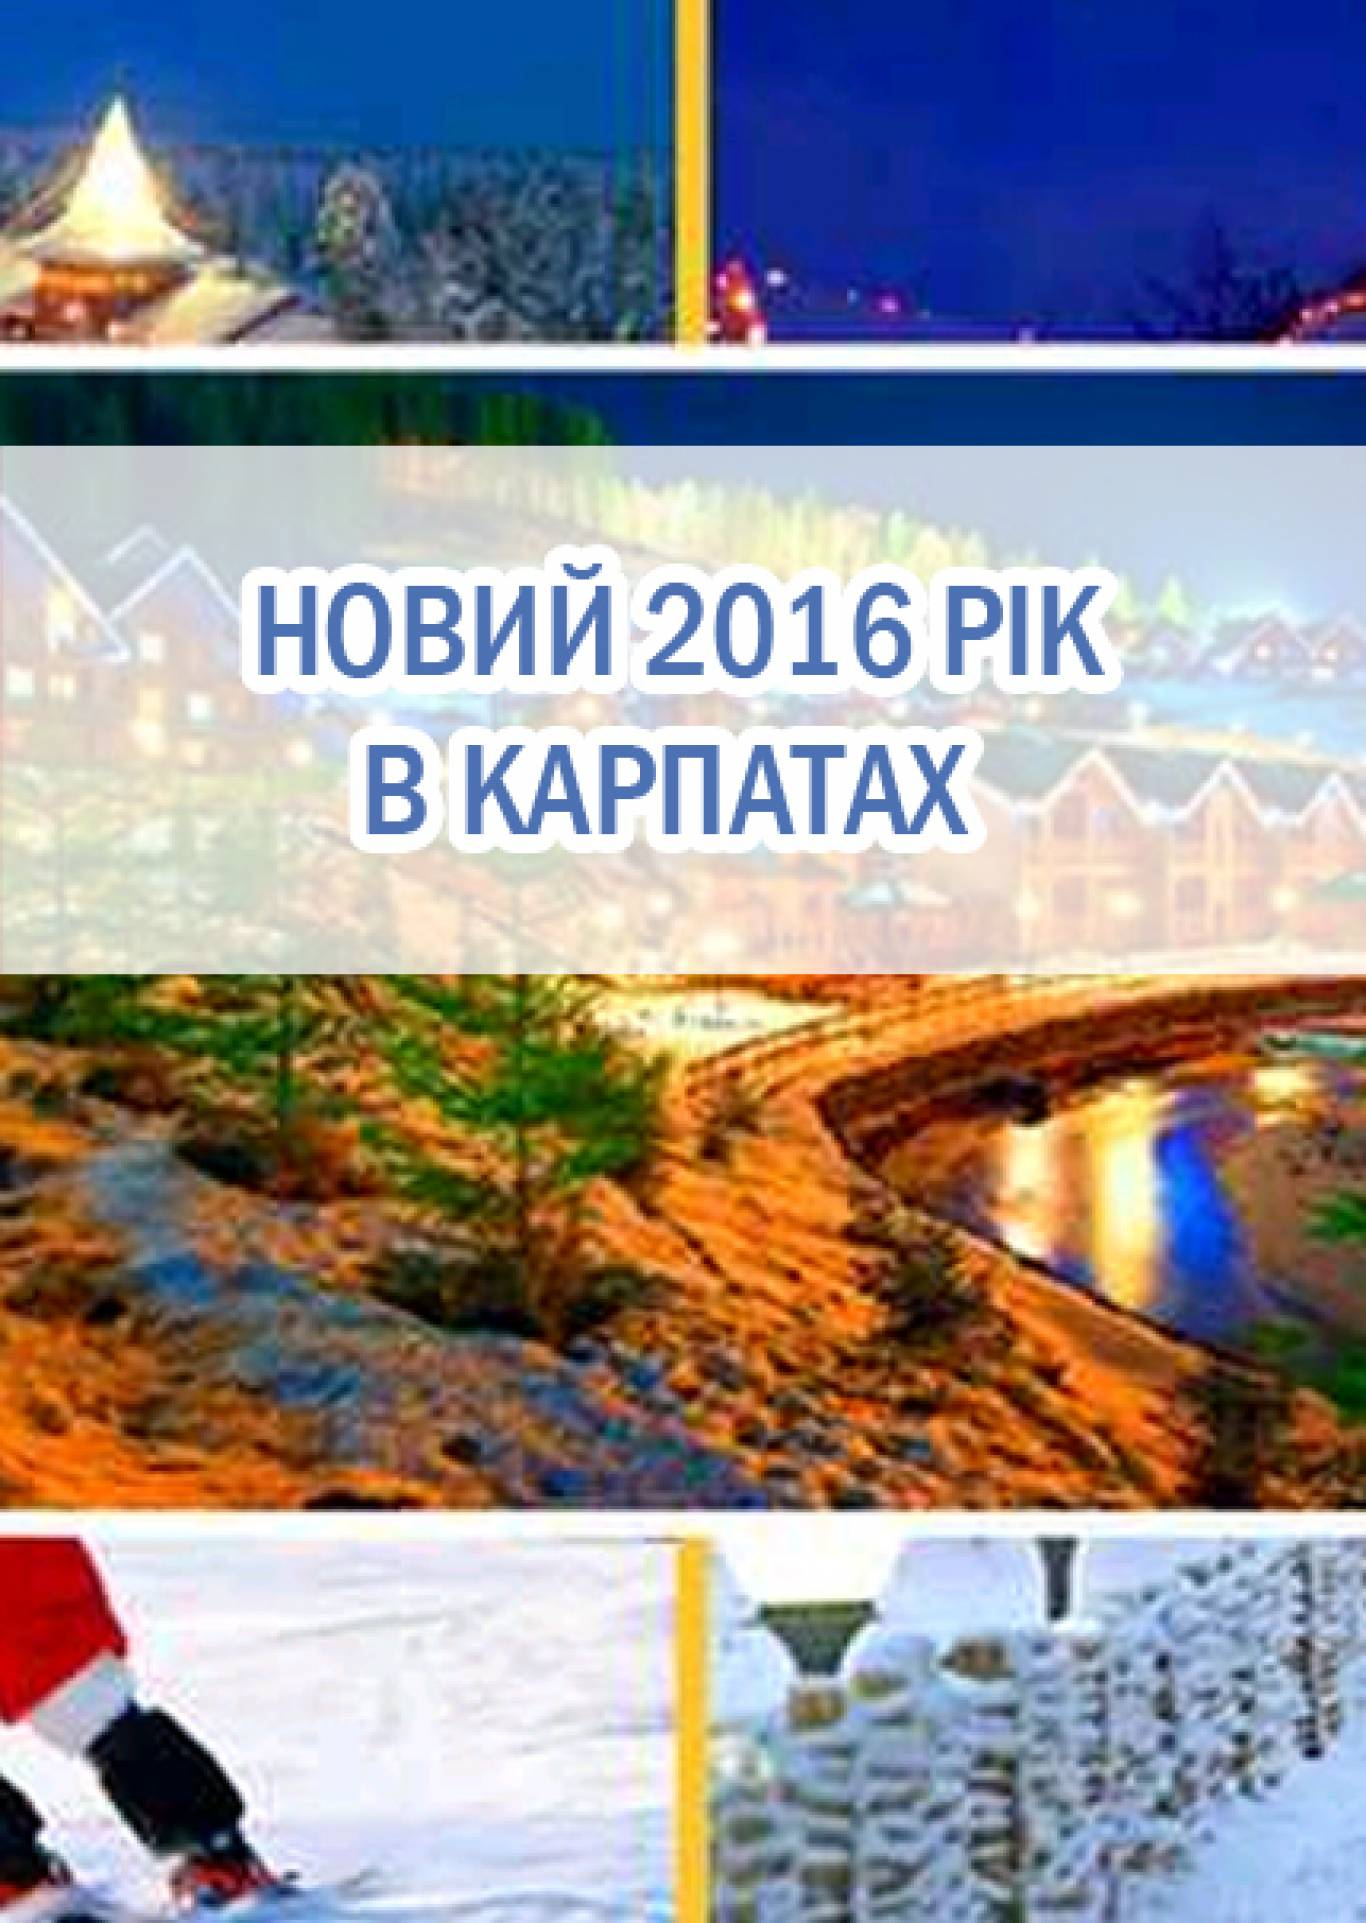 НОВИЙ 2016 РІК В КАРПАТАХ